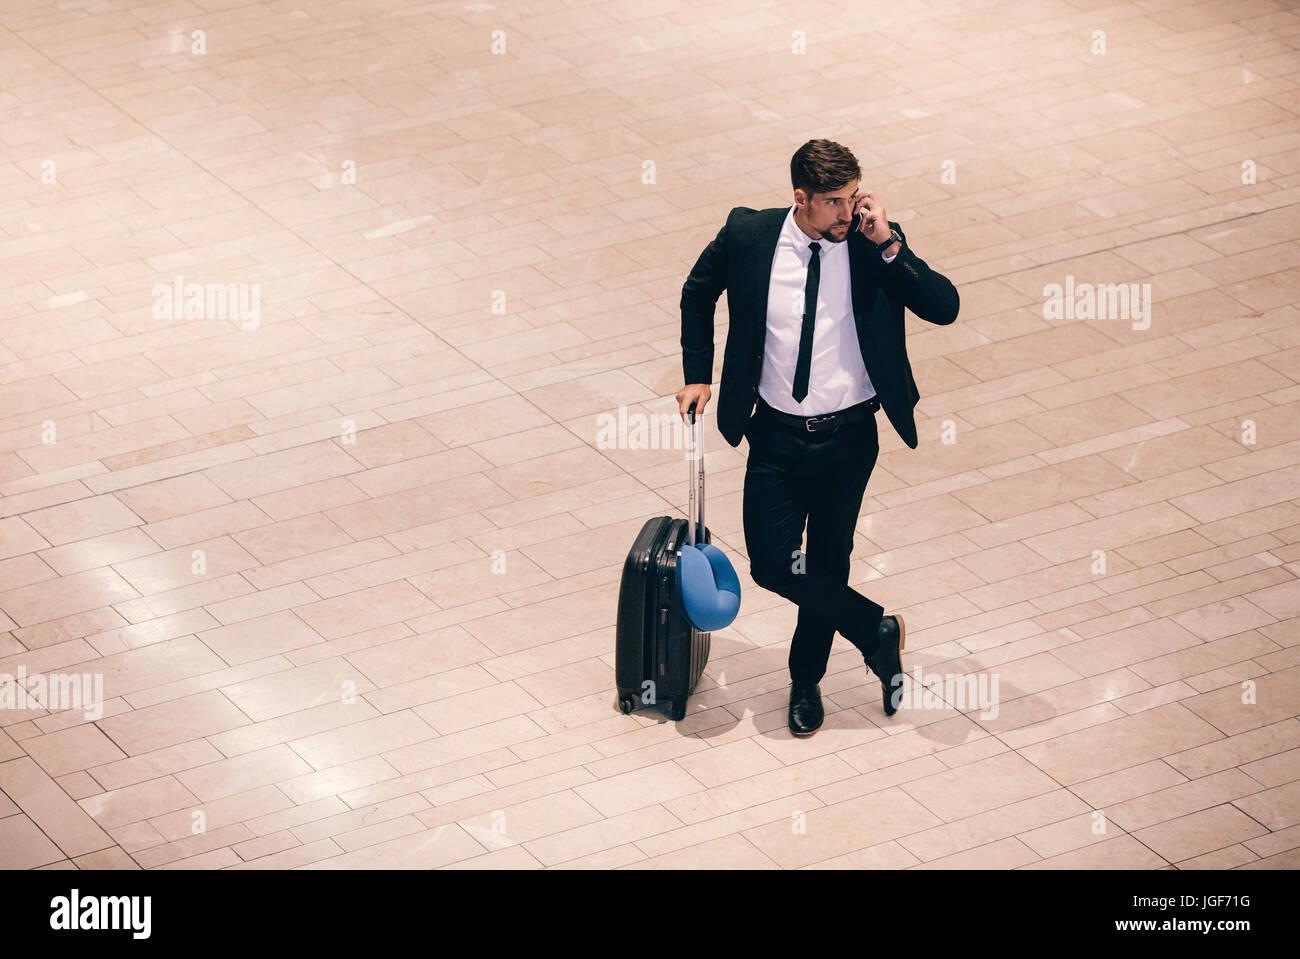 Vue de dessus shot of young businessman standing à l'aéroport avec valise et parlant au téléphone. Photo Stock